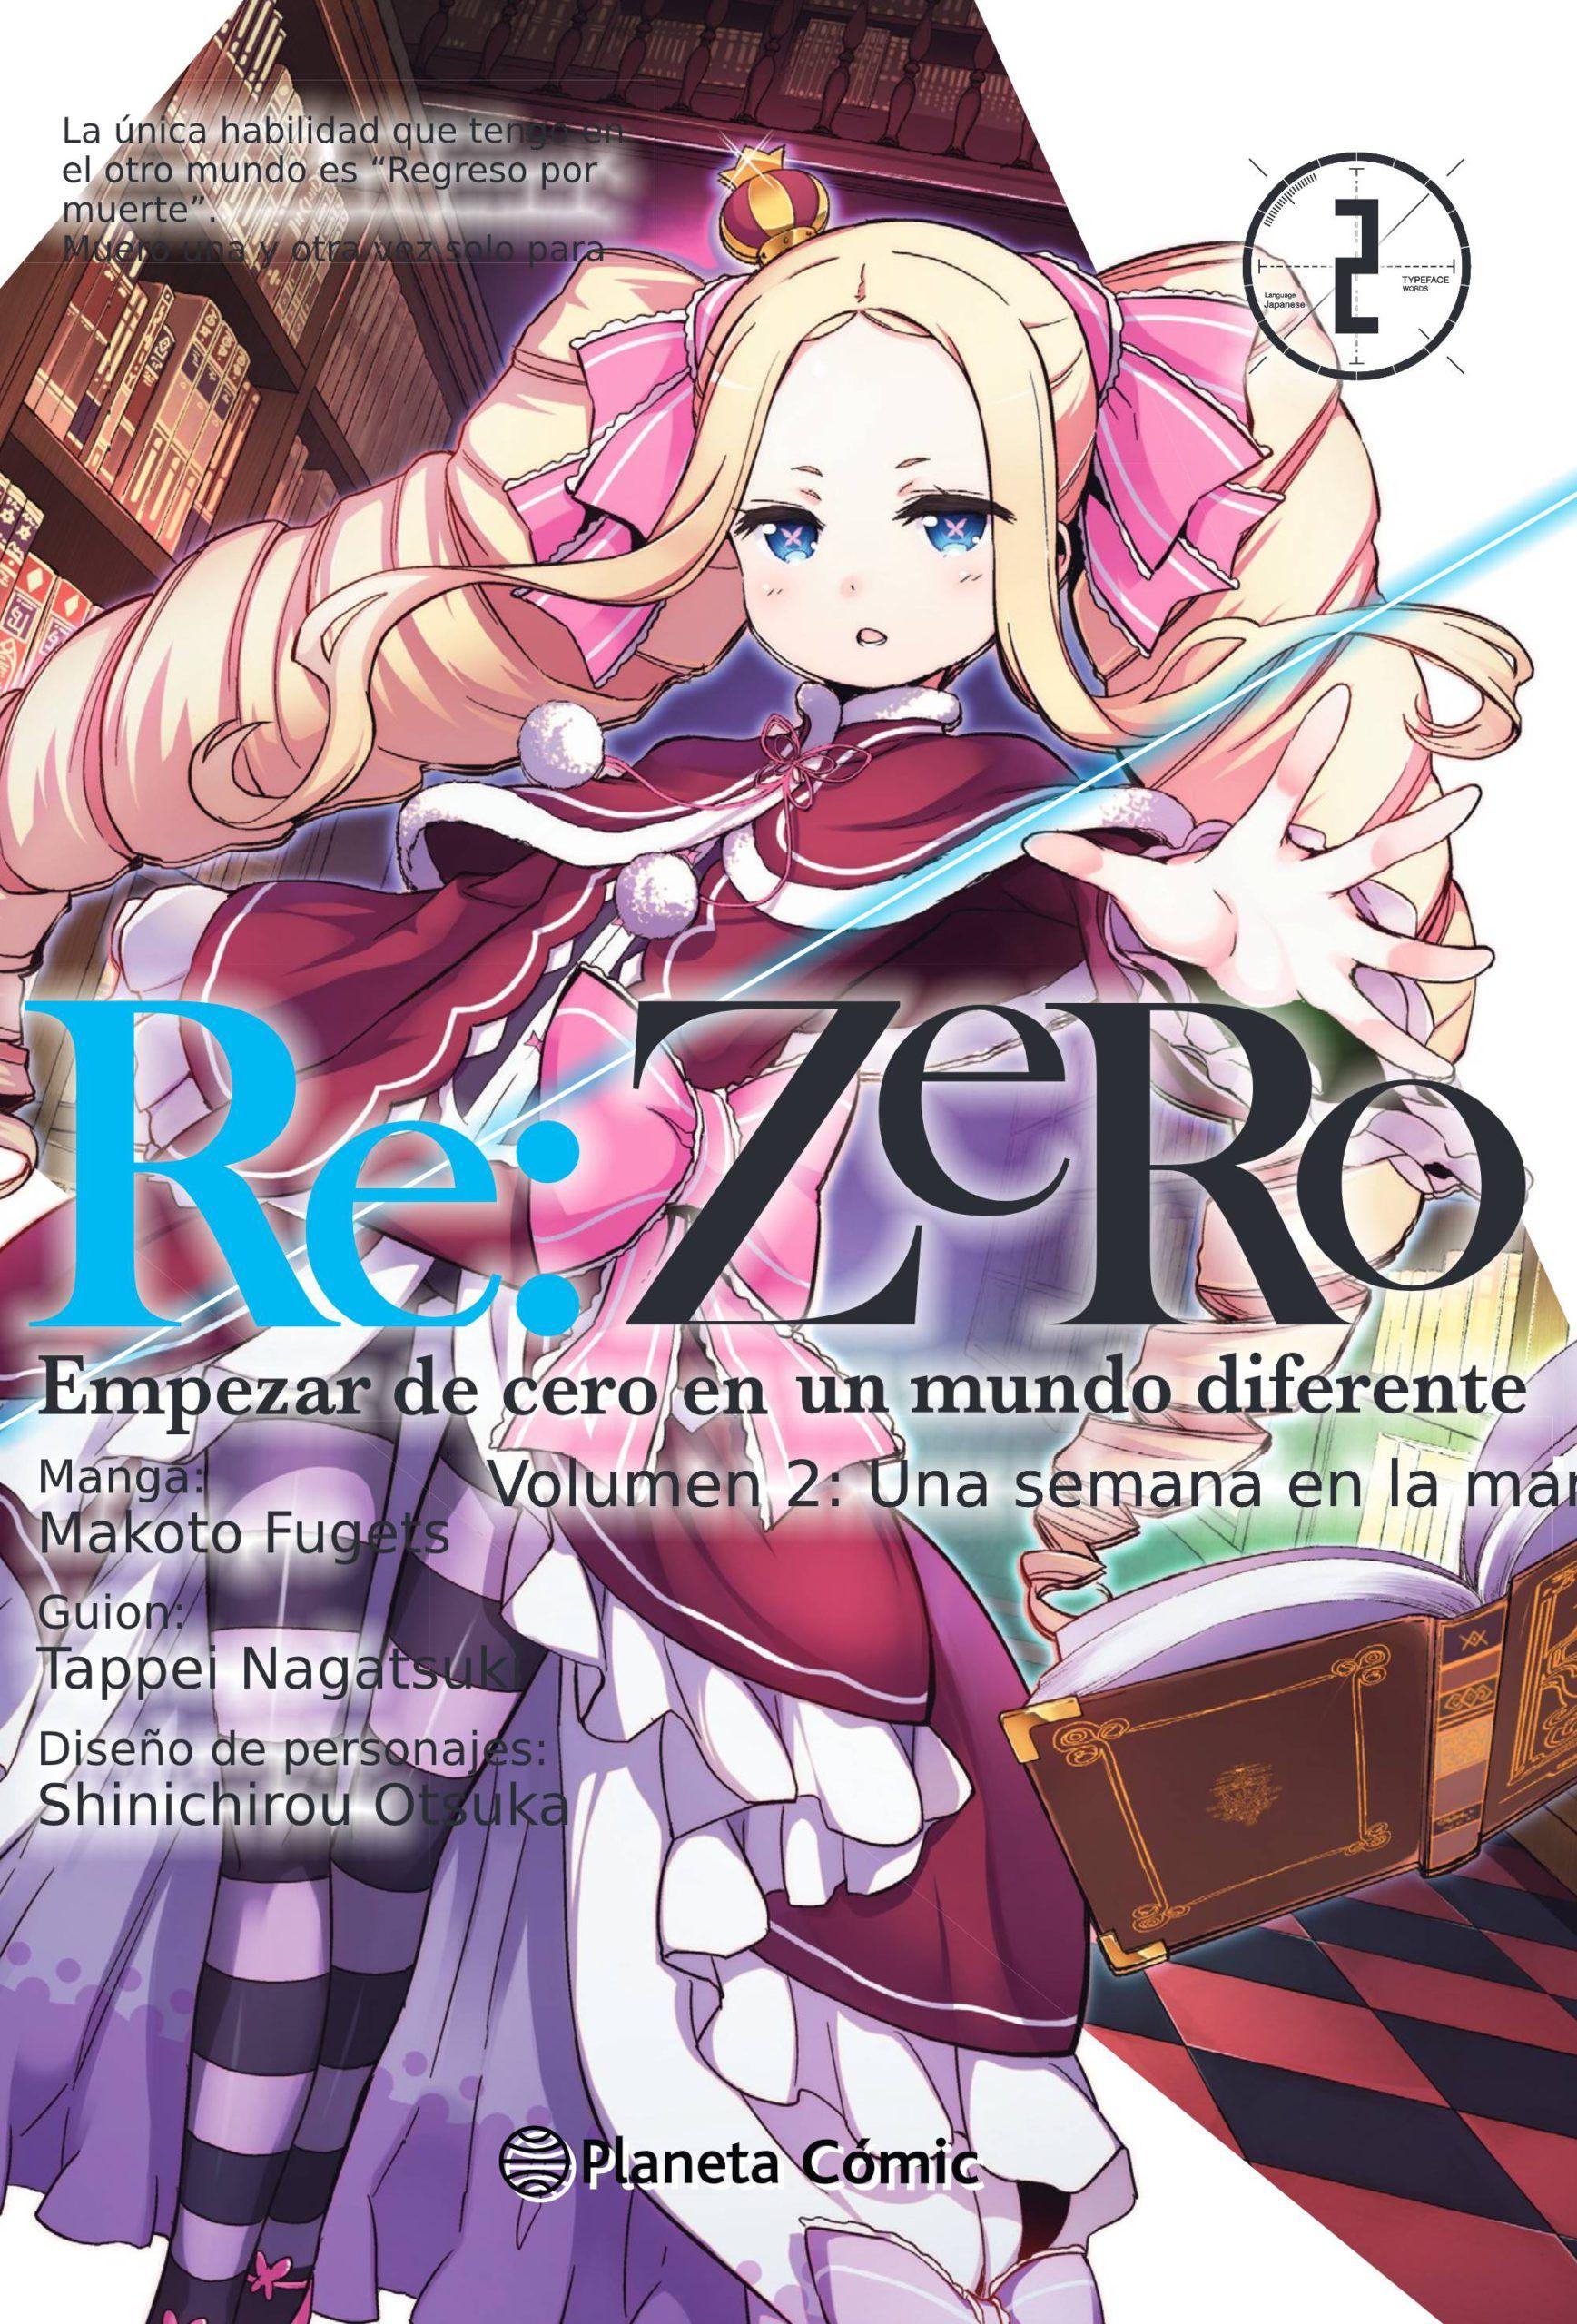 ReZero_Vol2_02_Sobrecubierta-pdf